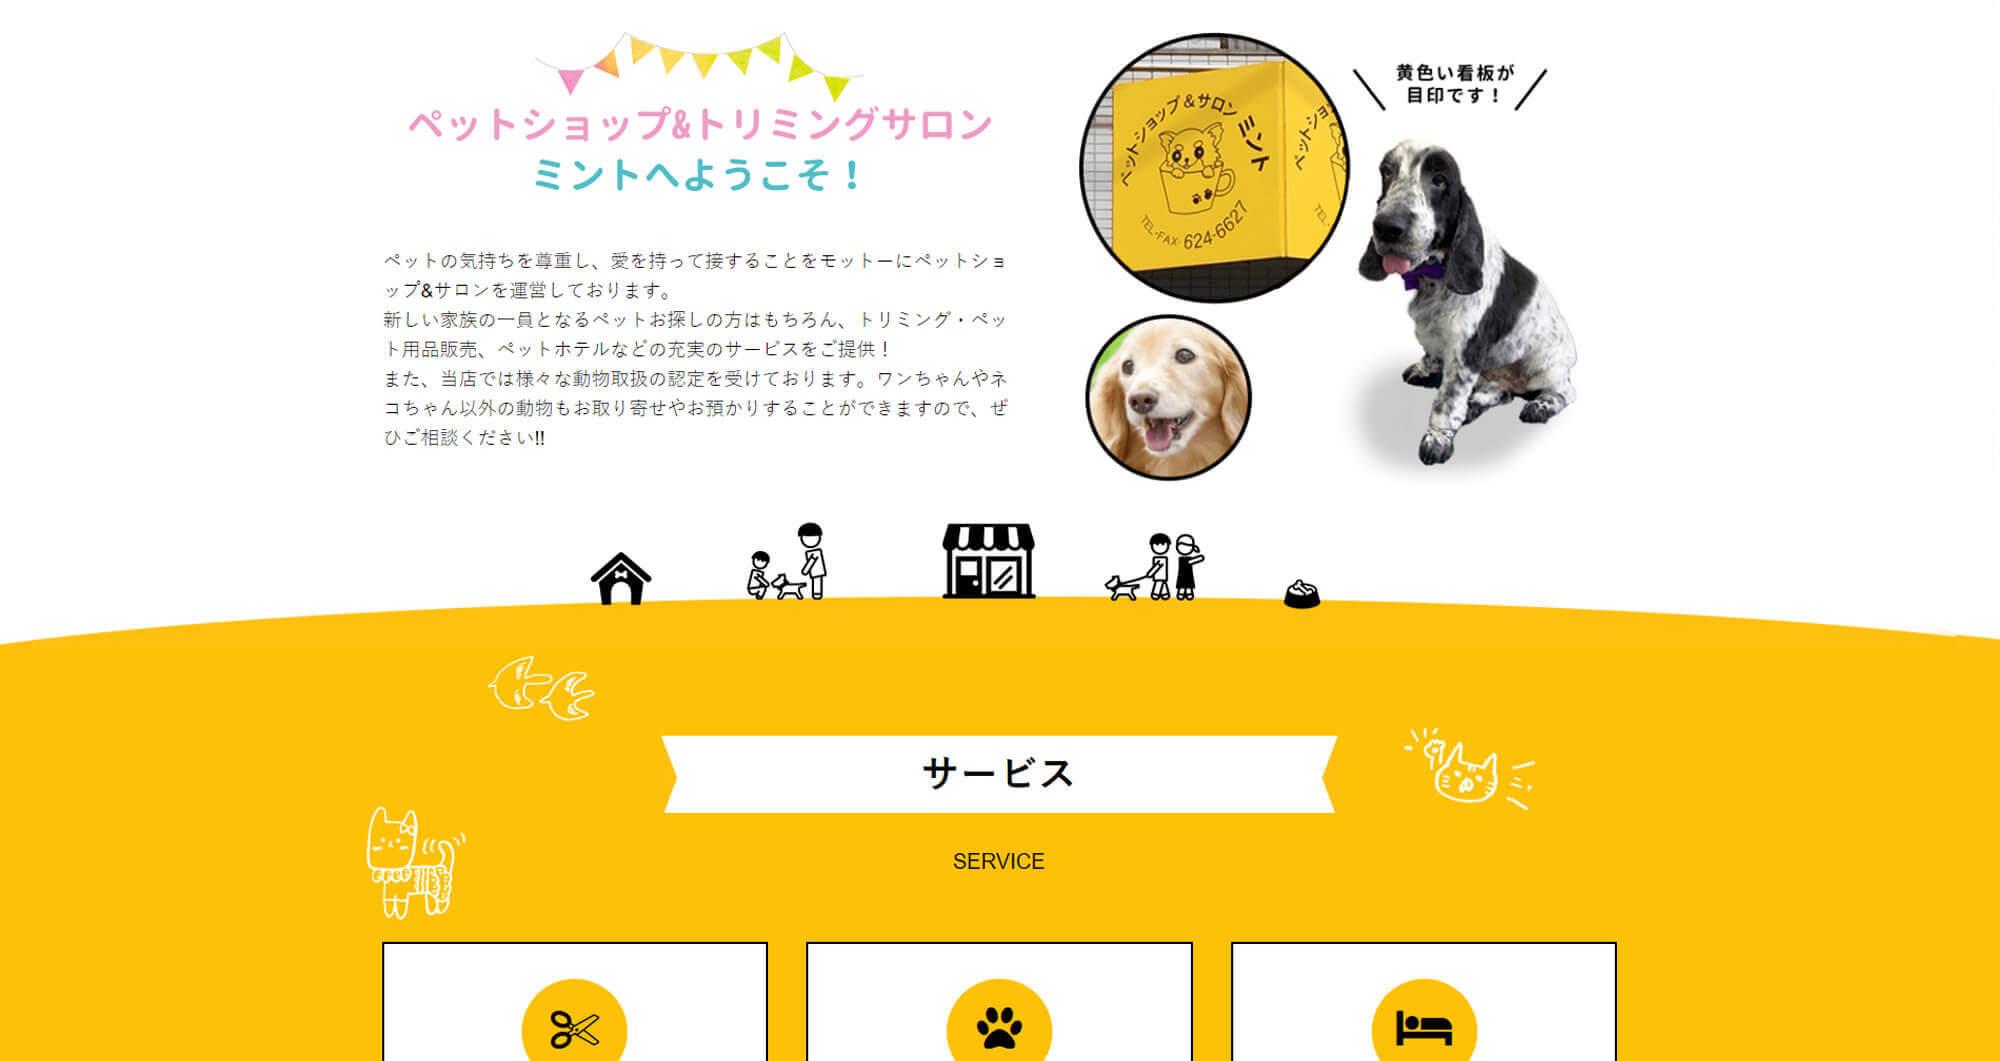 ペットショップ&サロン ミント様PCトップページ